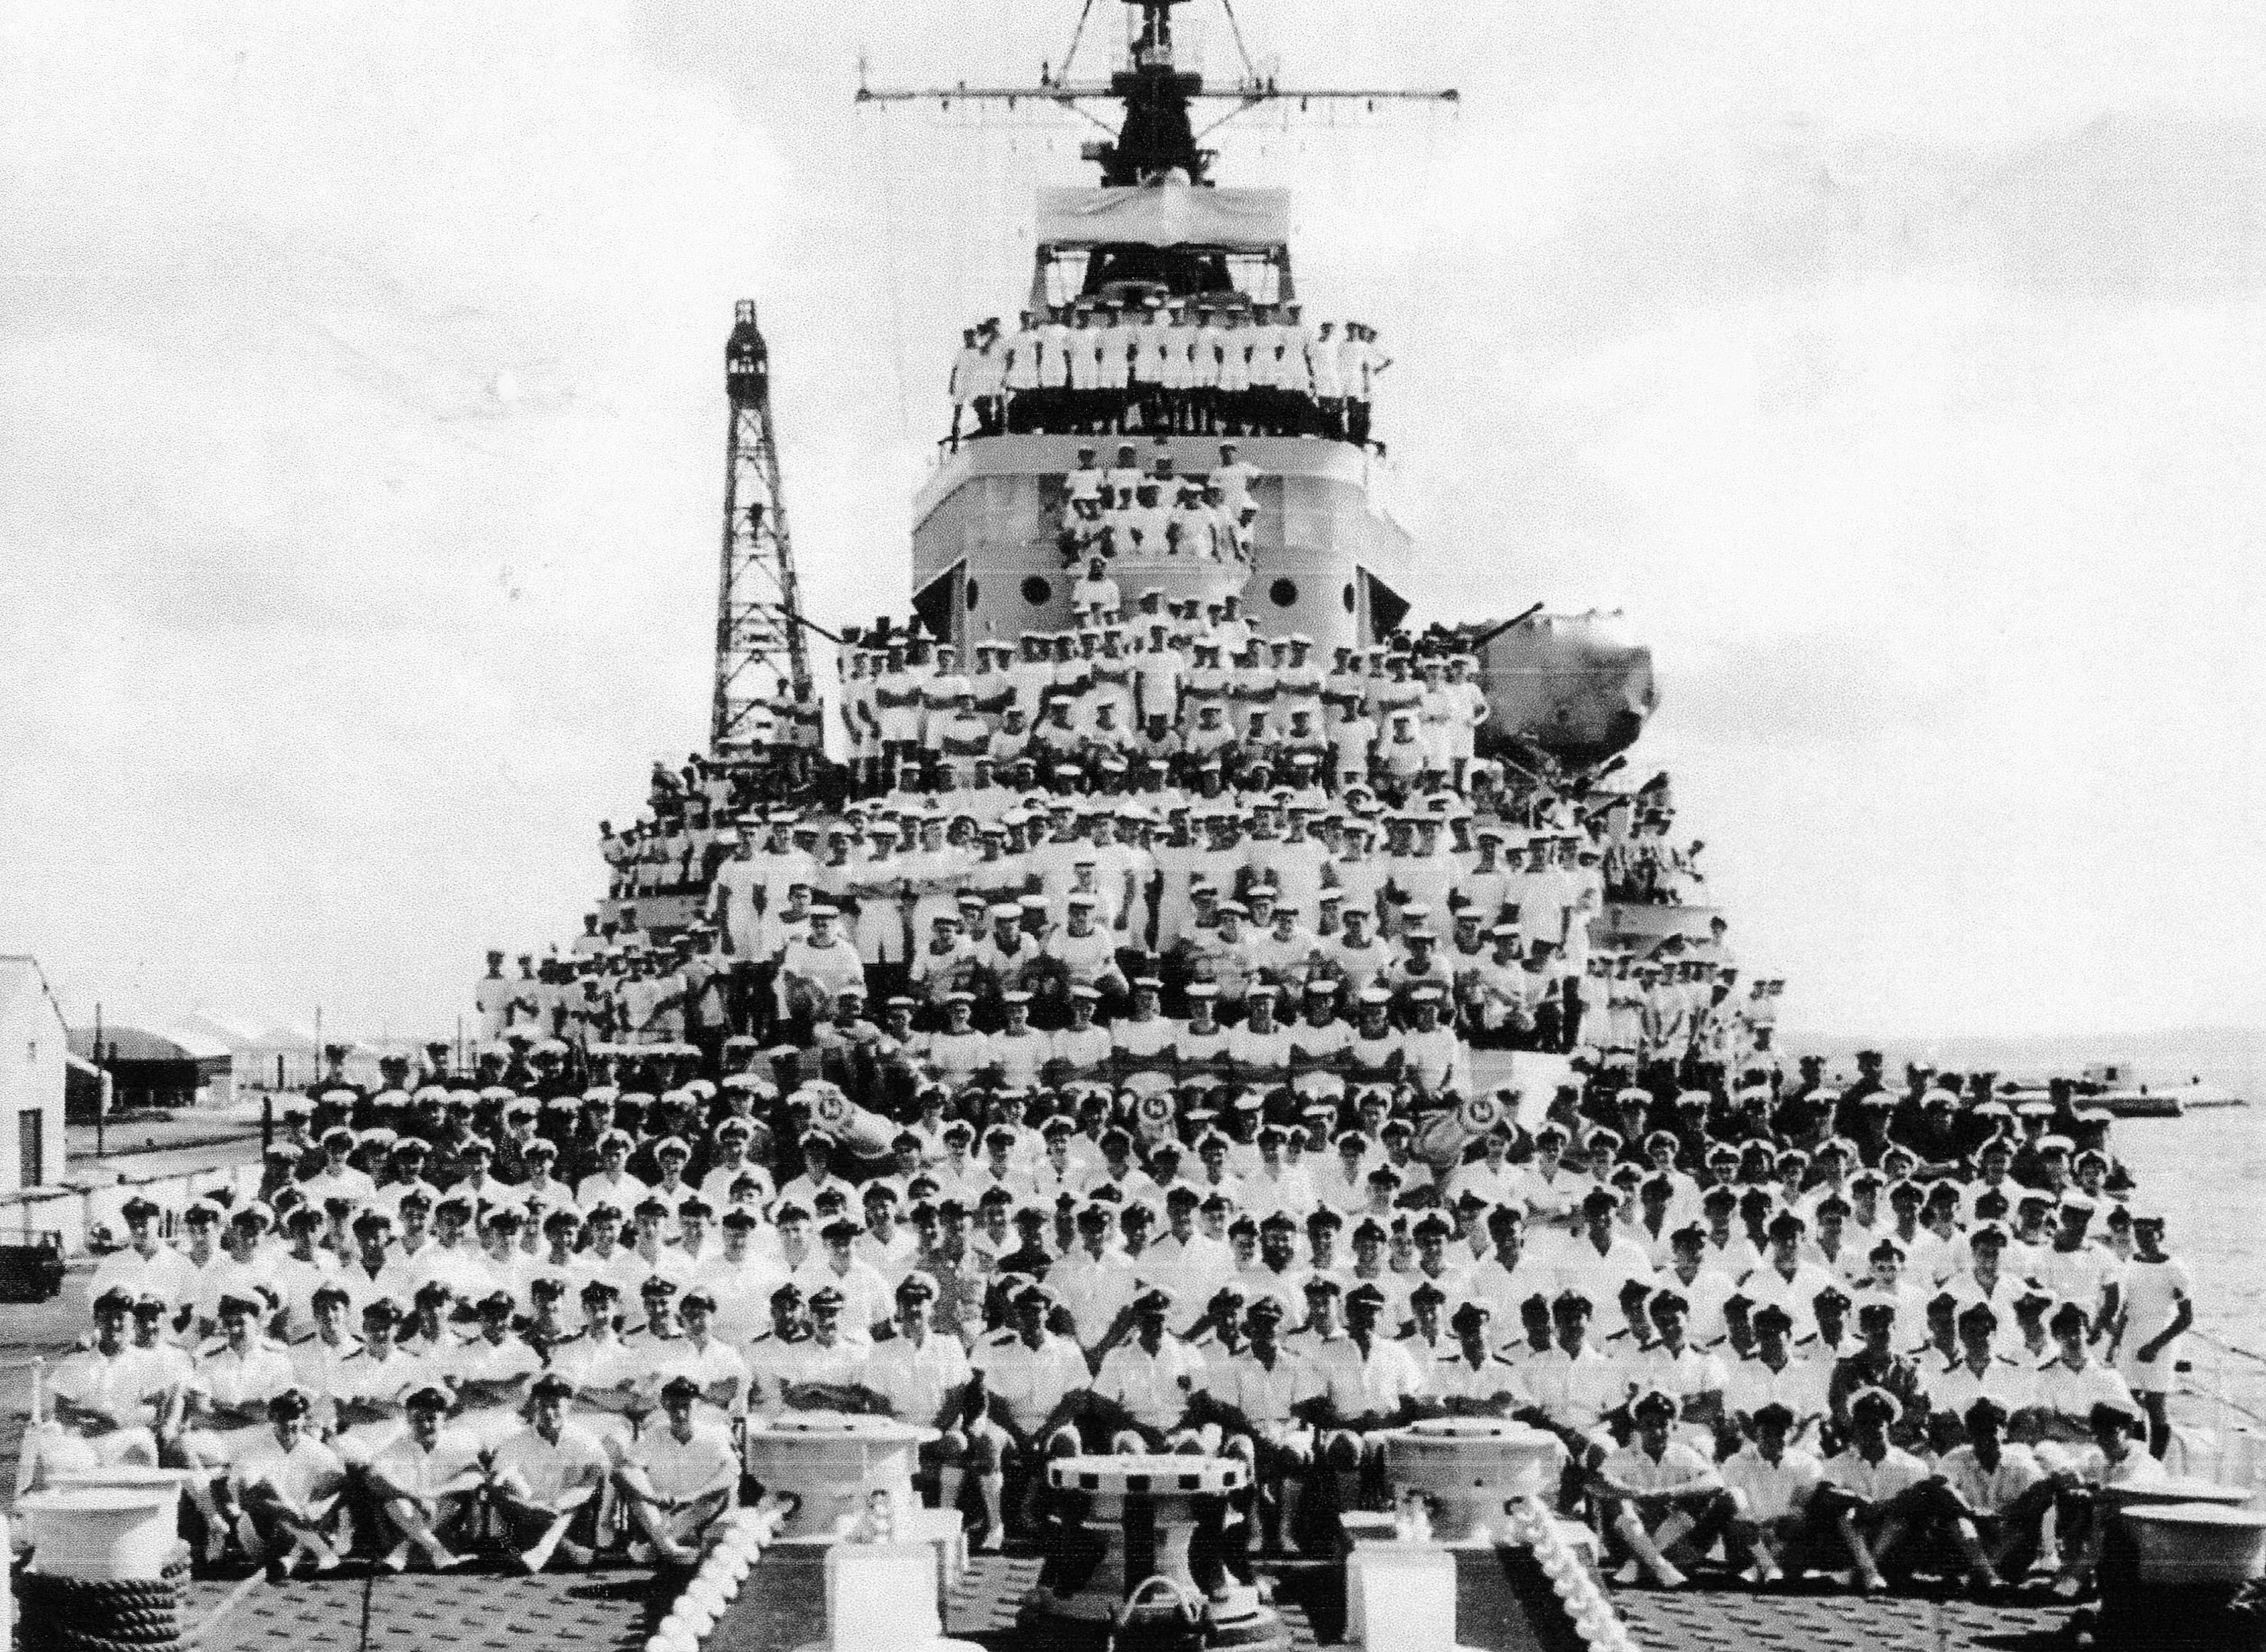 Ship's Company 1955